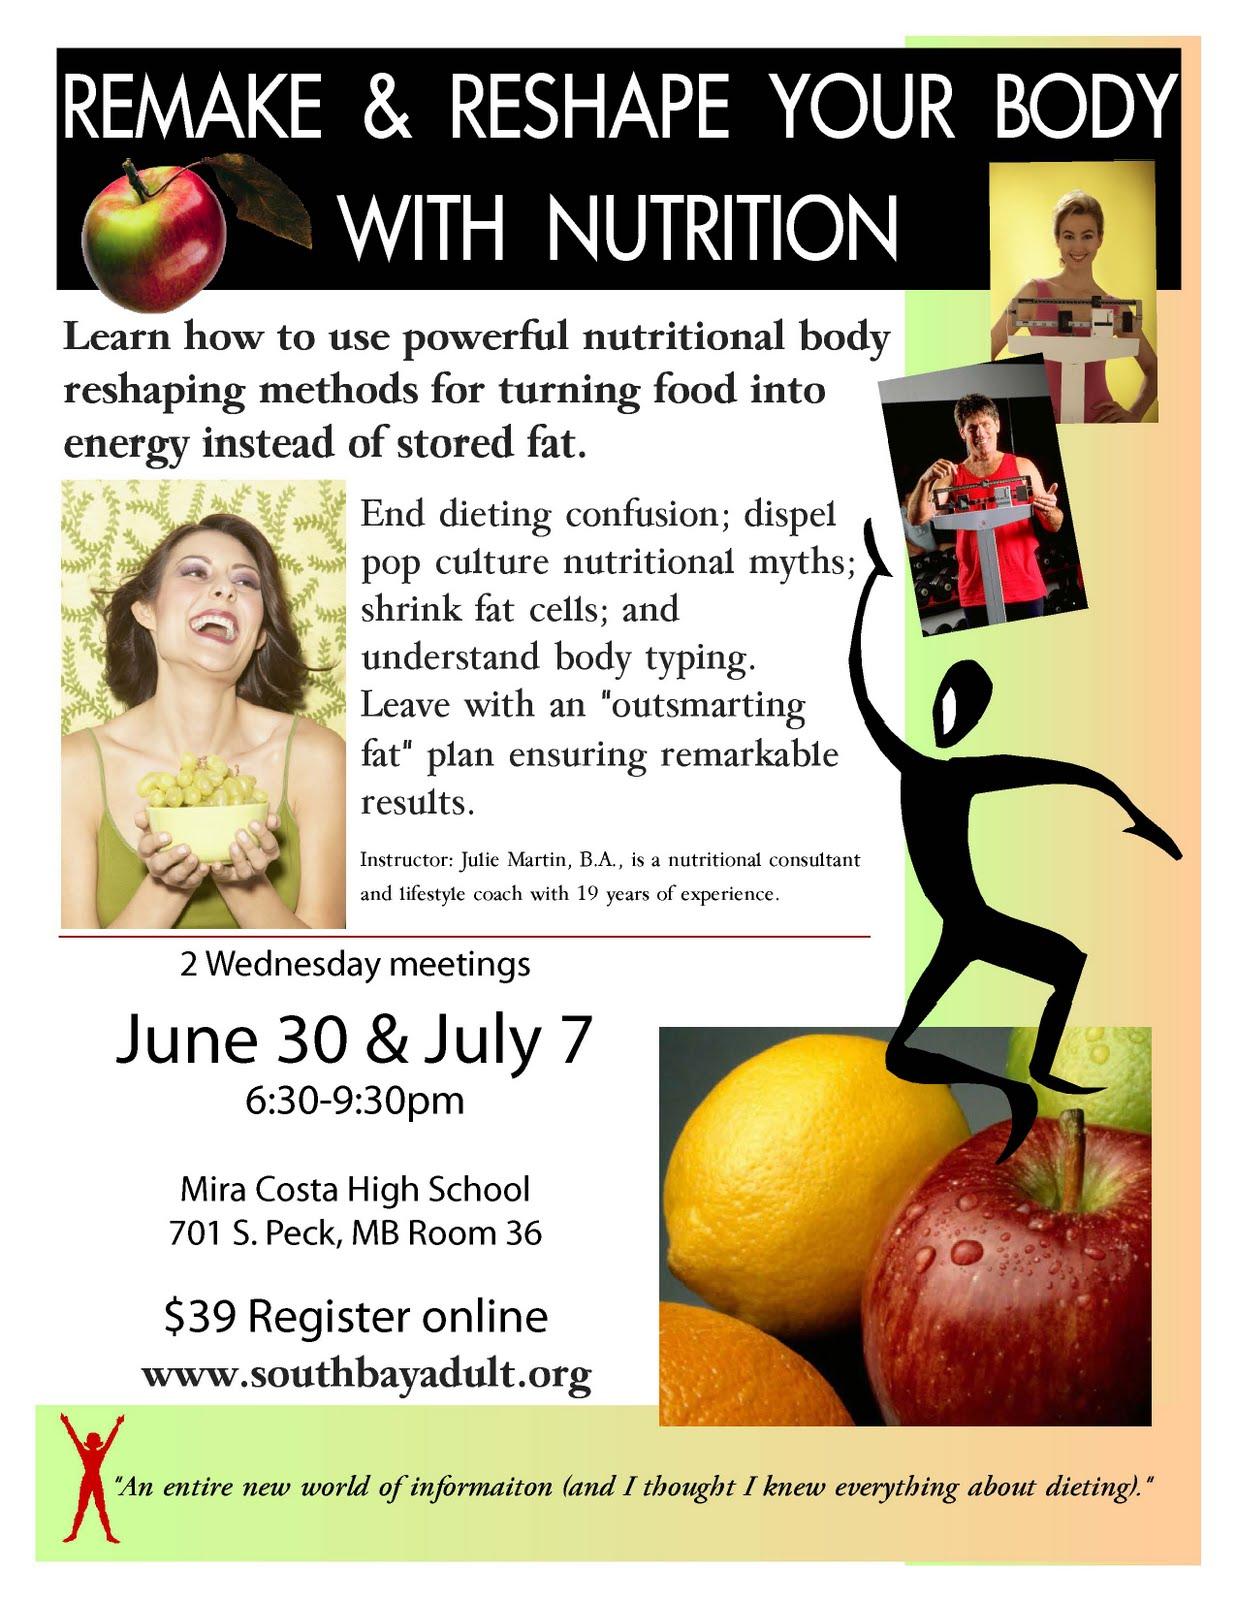 http://4.bp.blogspot.com/_V4CMq7oP0f0/TBpOOfdy1II/AAAAAAAAAMs/dZlNhzrec8I/s1600/remakenutrition.jpg